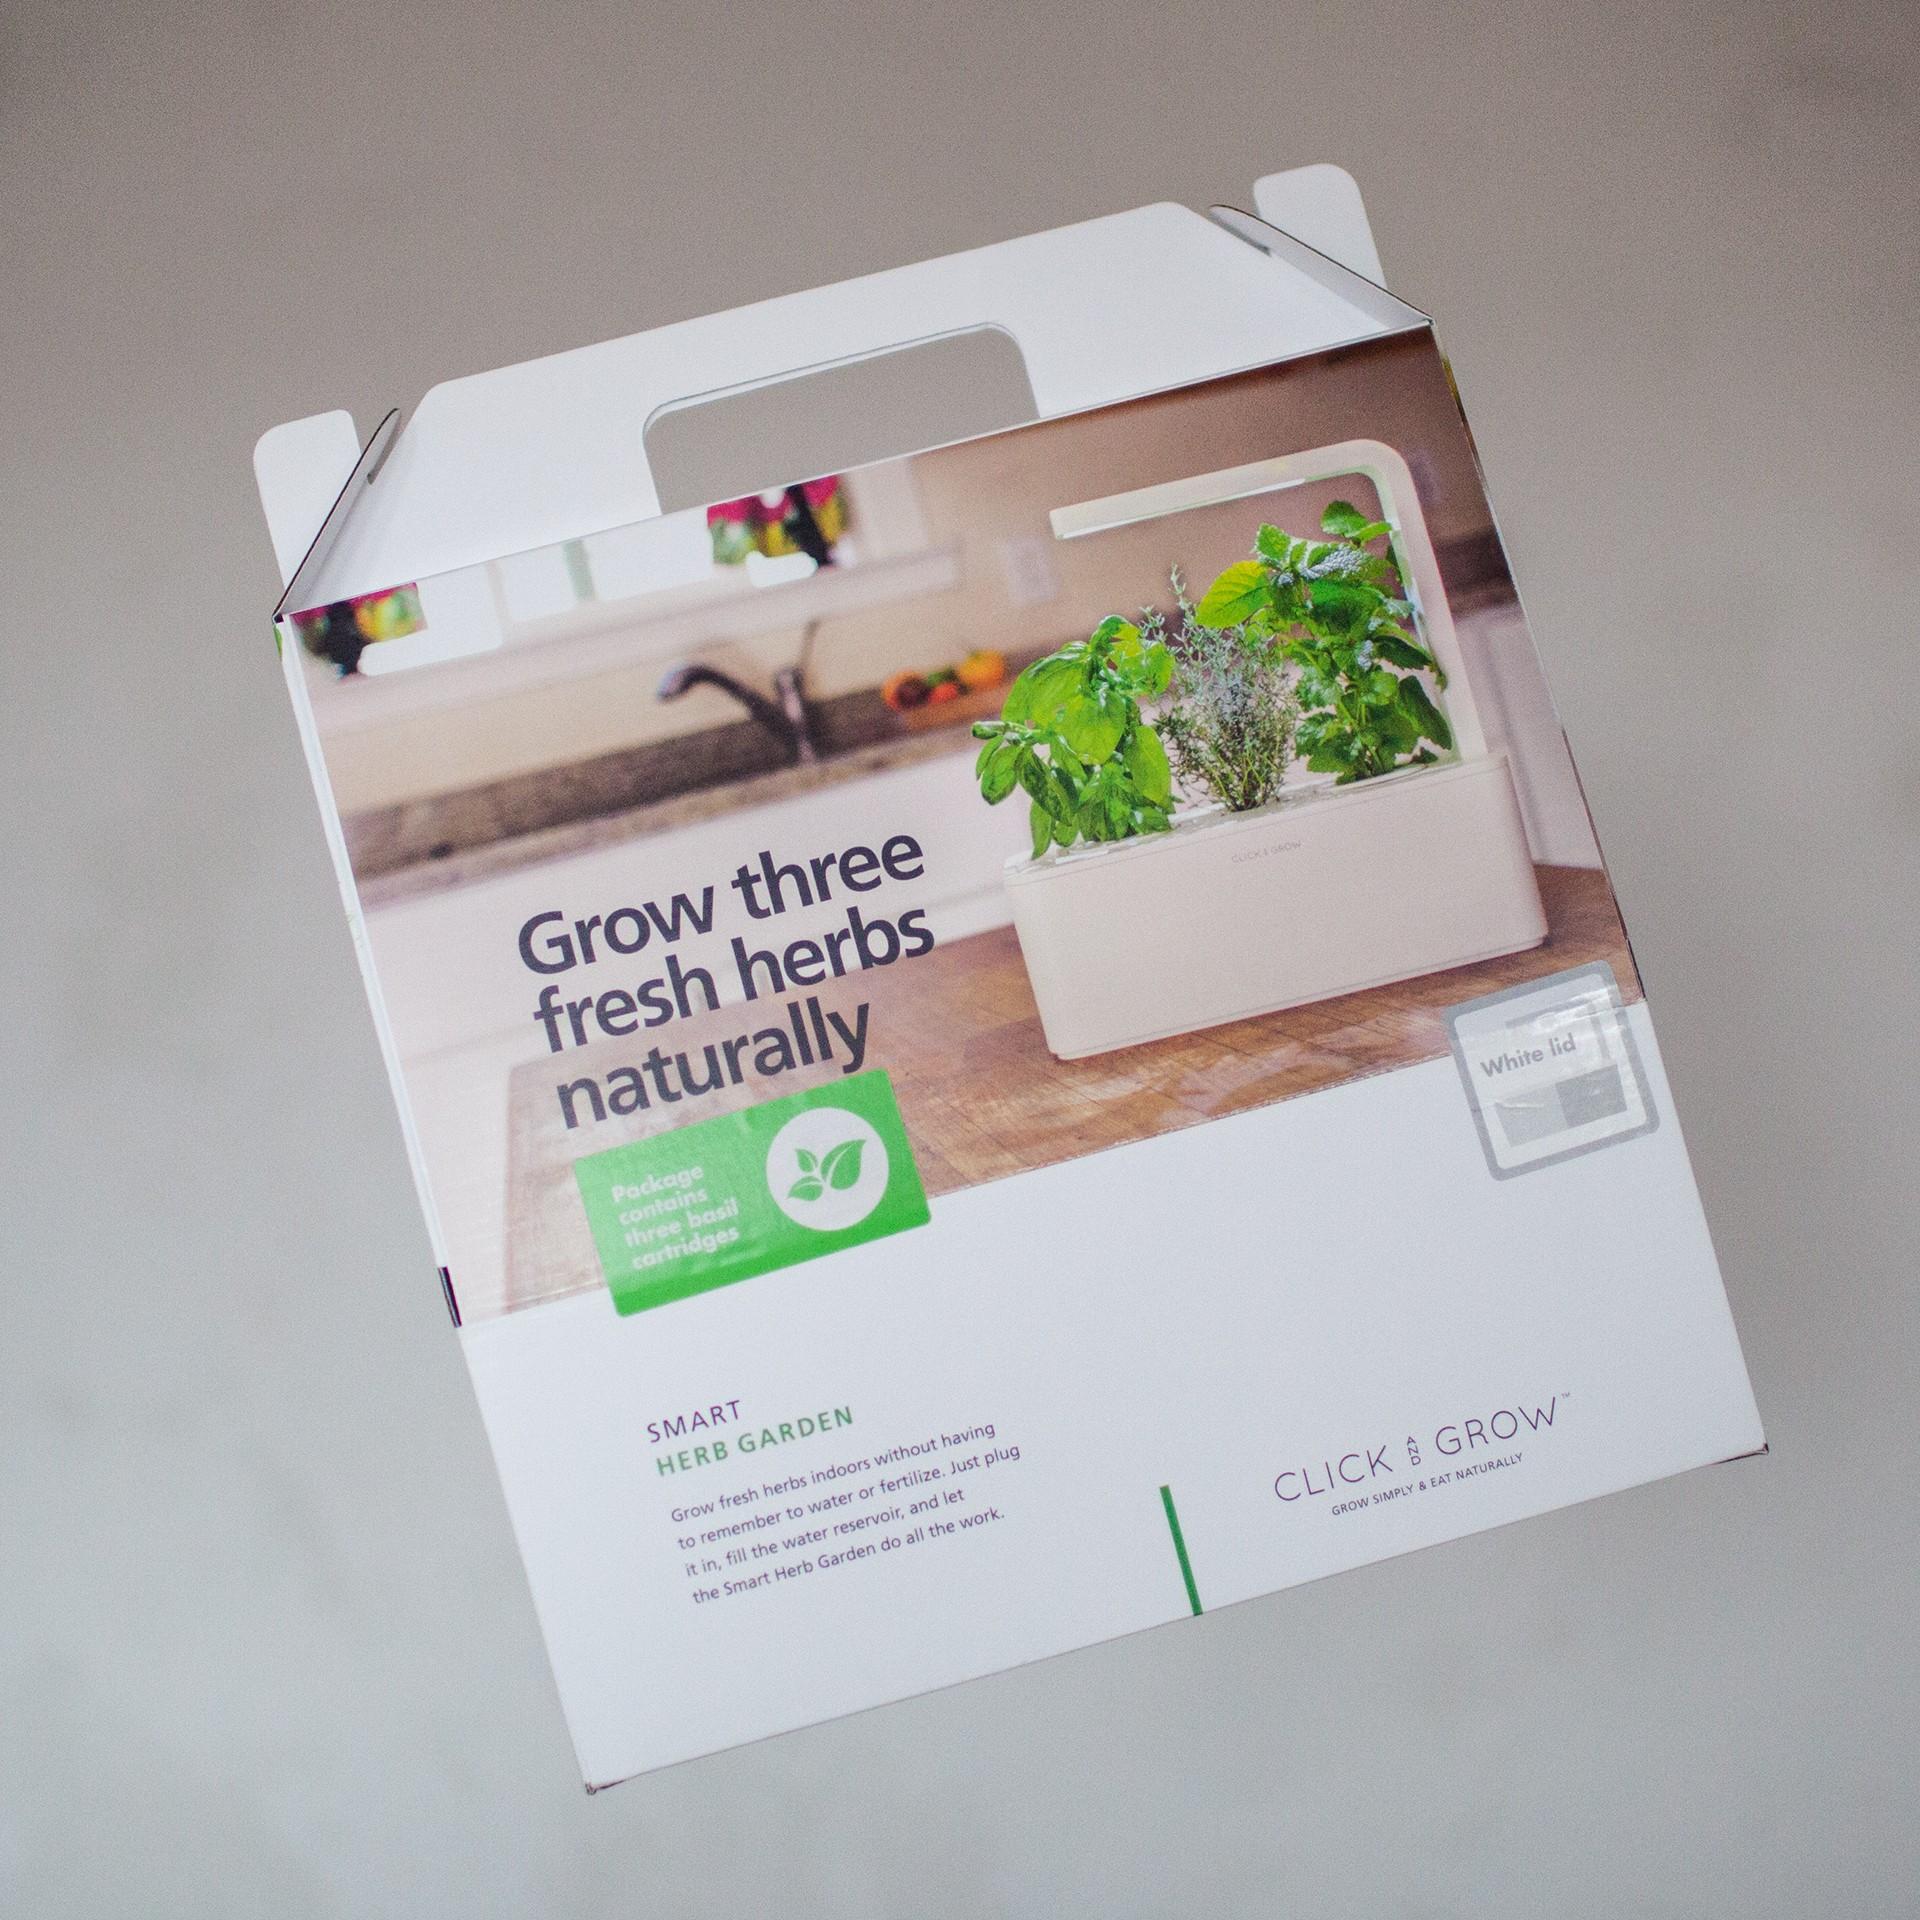 Smart Herb Garden Paket - Foto: Sandra Schink